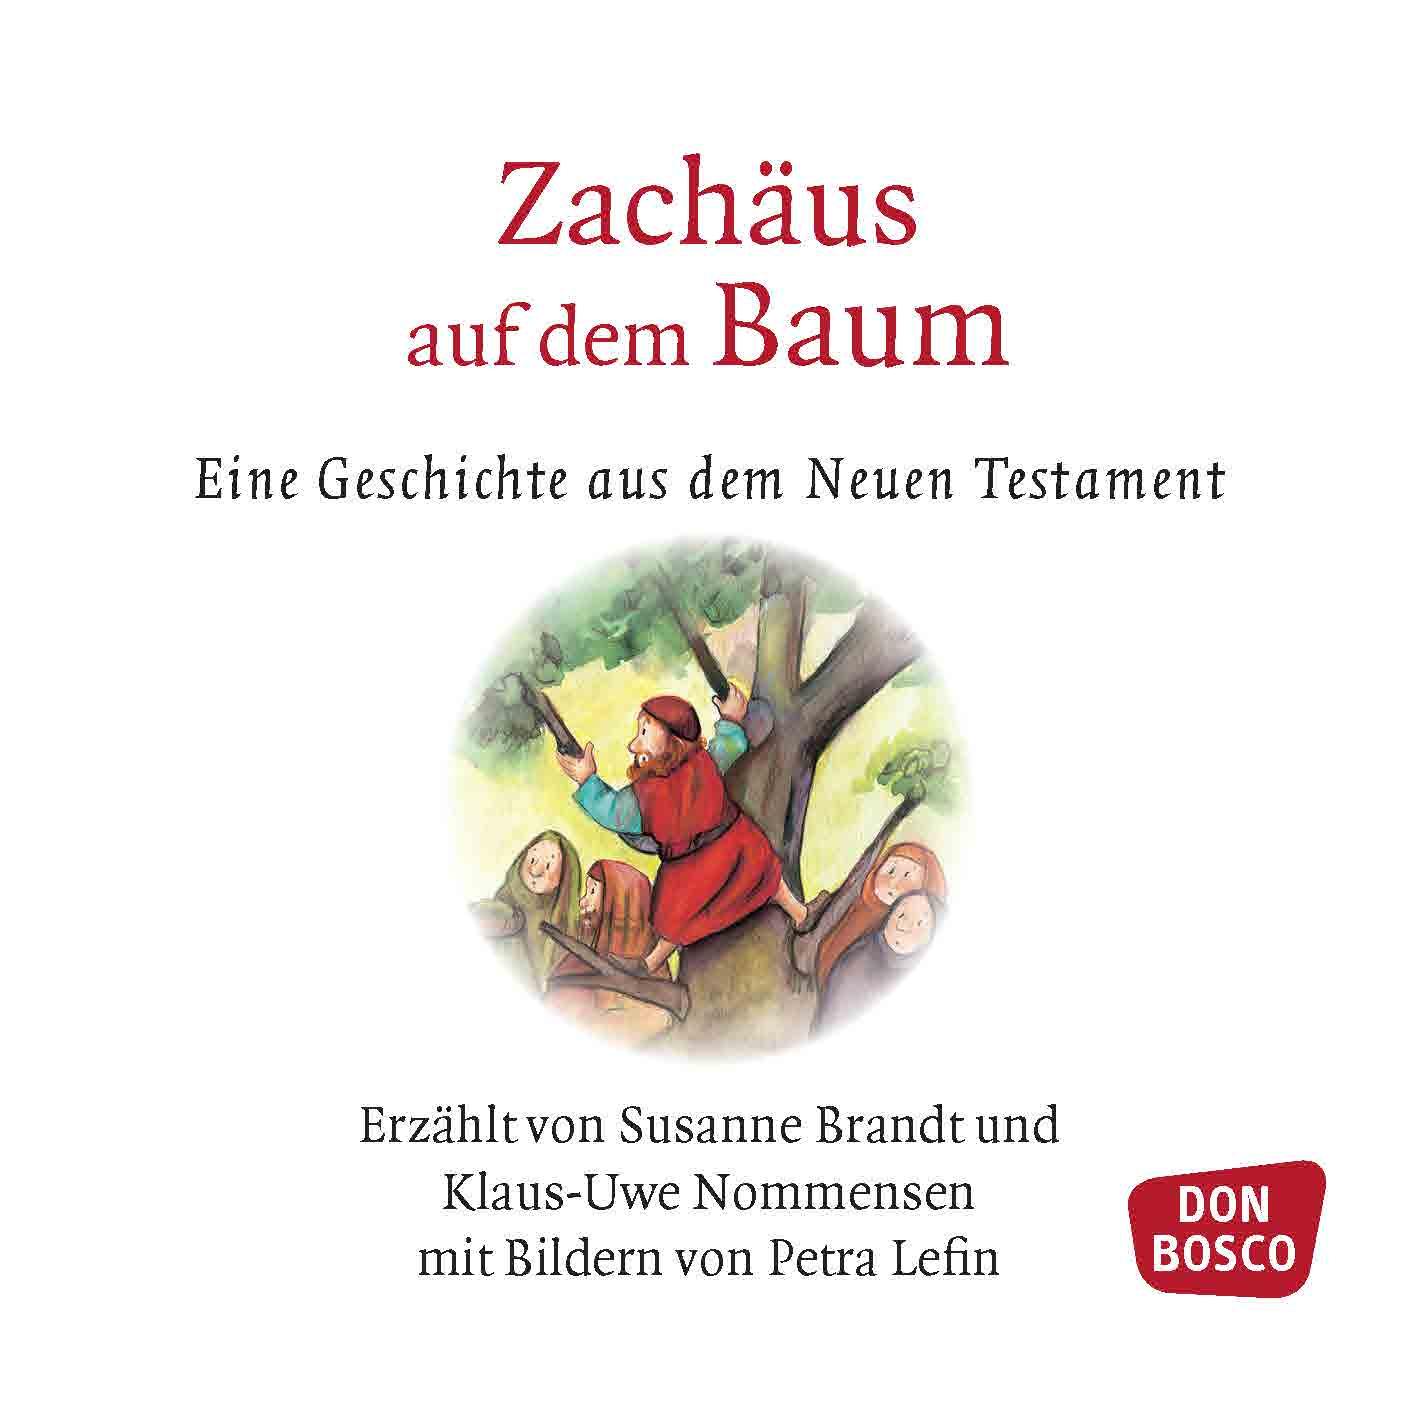 Innenansicht zu Zachäus auf dem Baum. Mini-Bilderbuch.